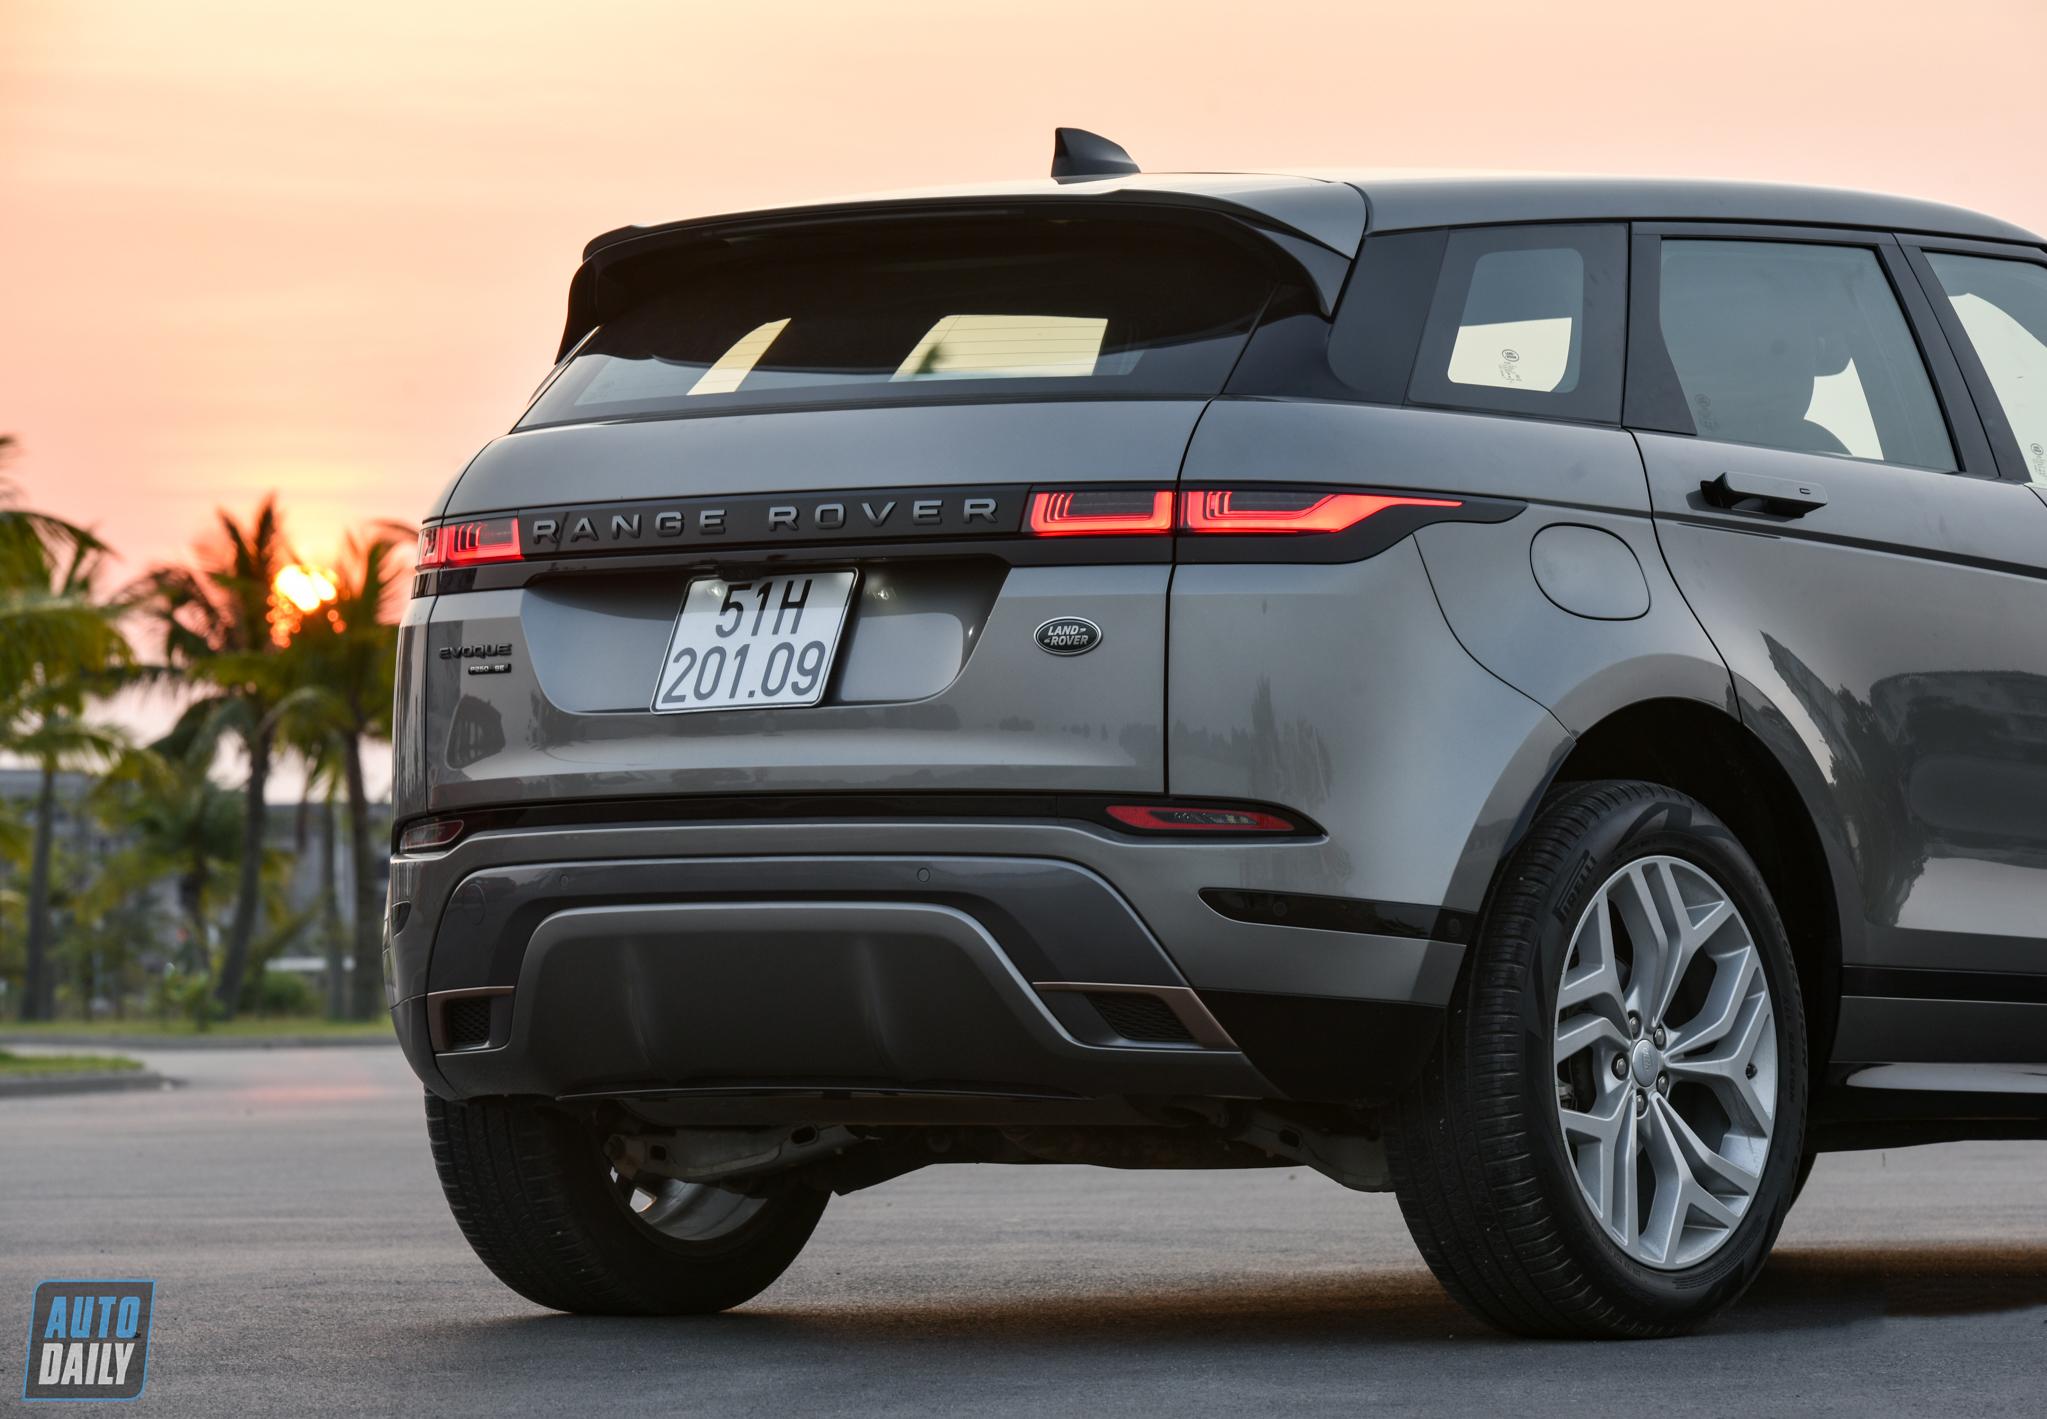 range-rover-evoque-2020-autodaily-28.jpg